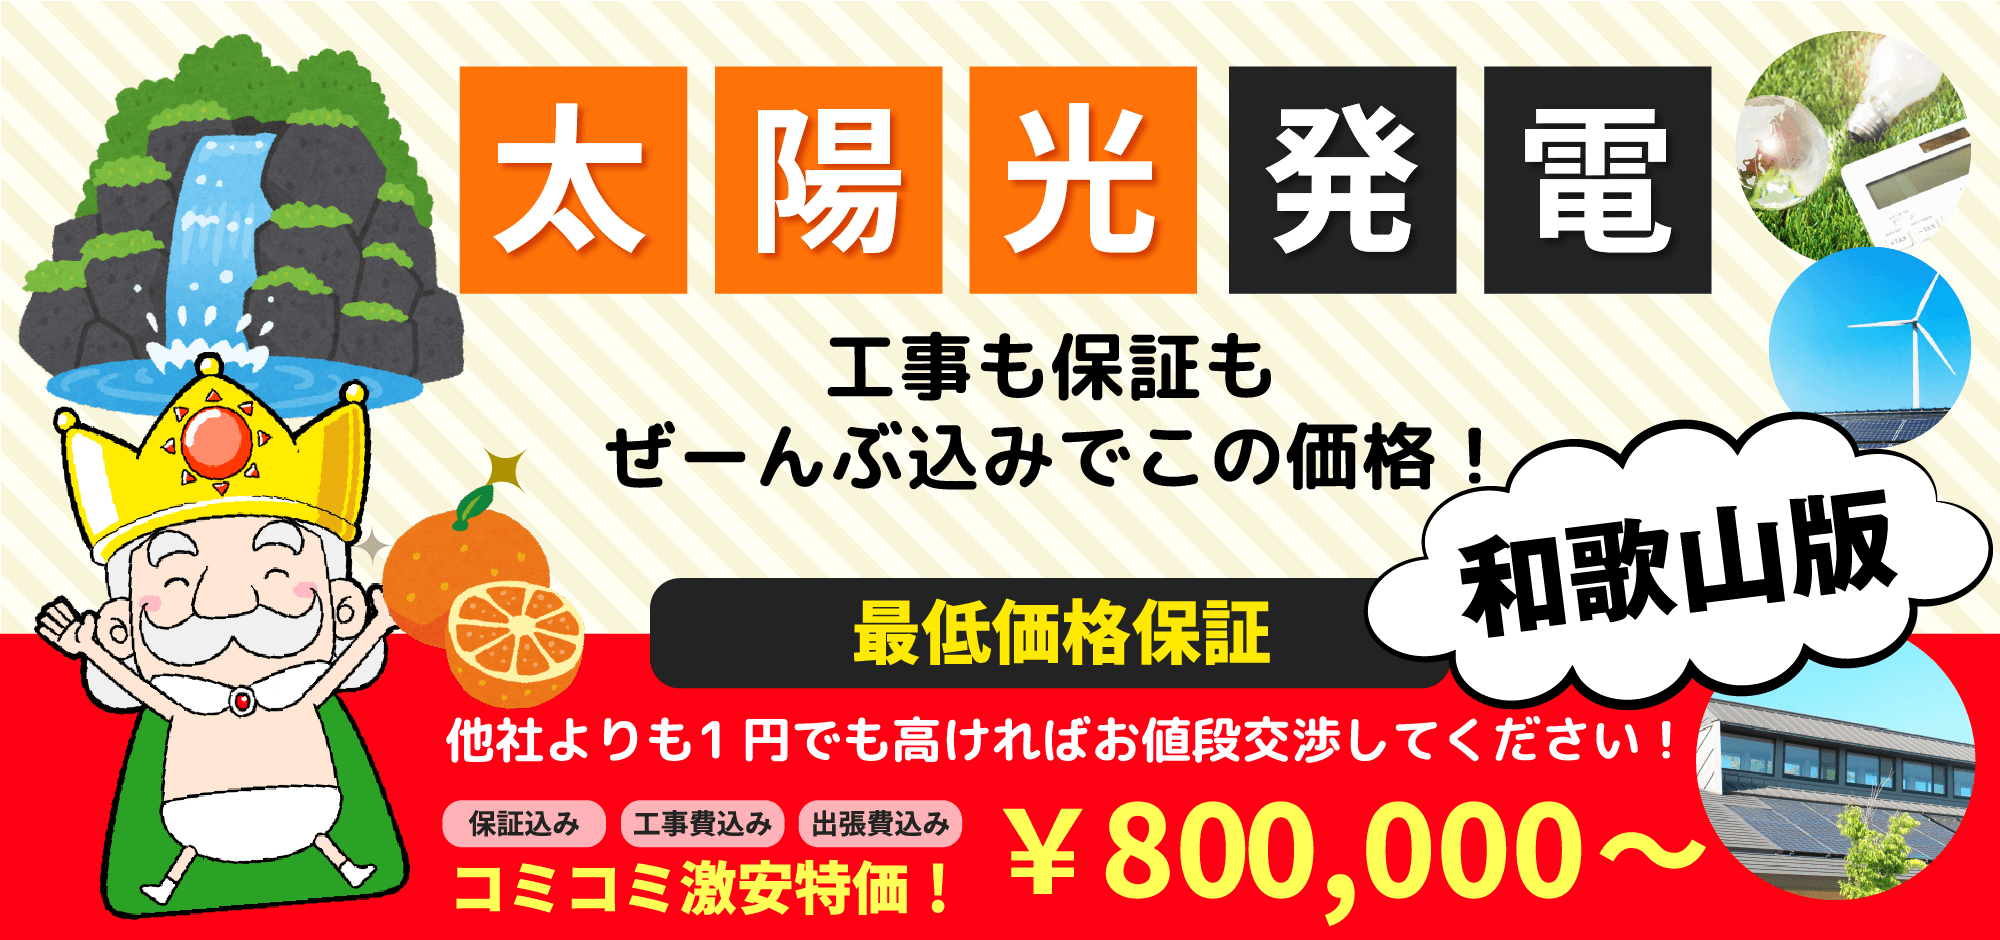 太陽光発電 工事も保証もぜーんぶ込みでこの価格! 和歌山版